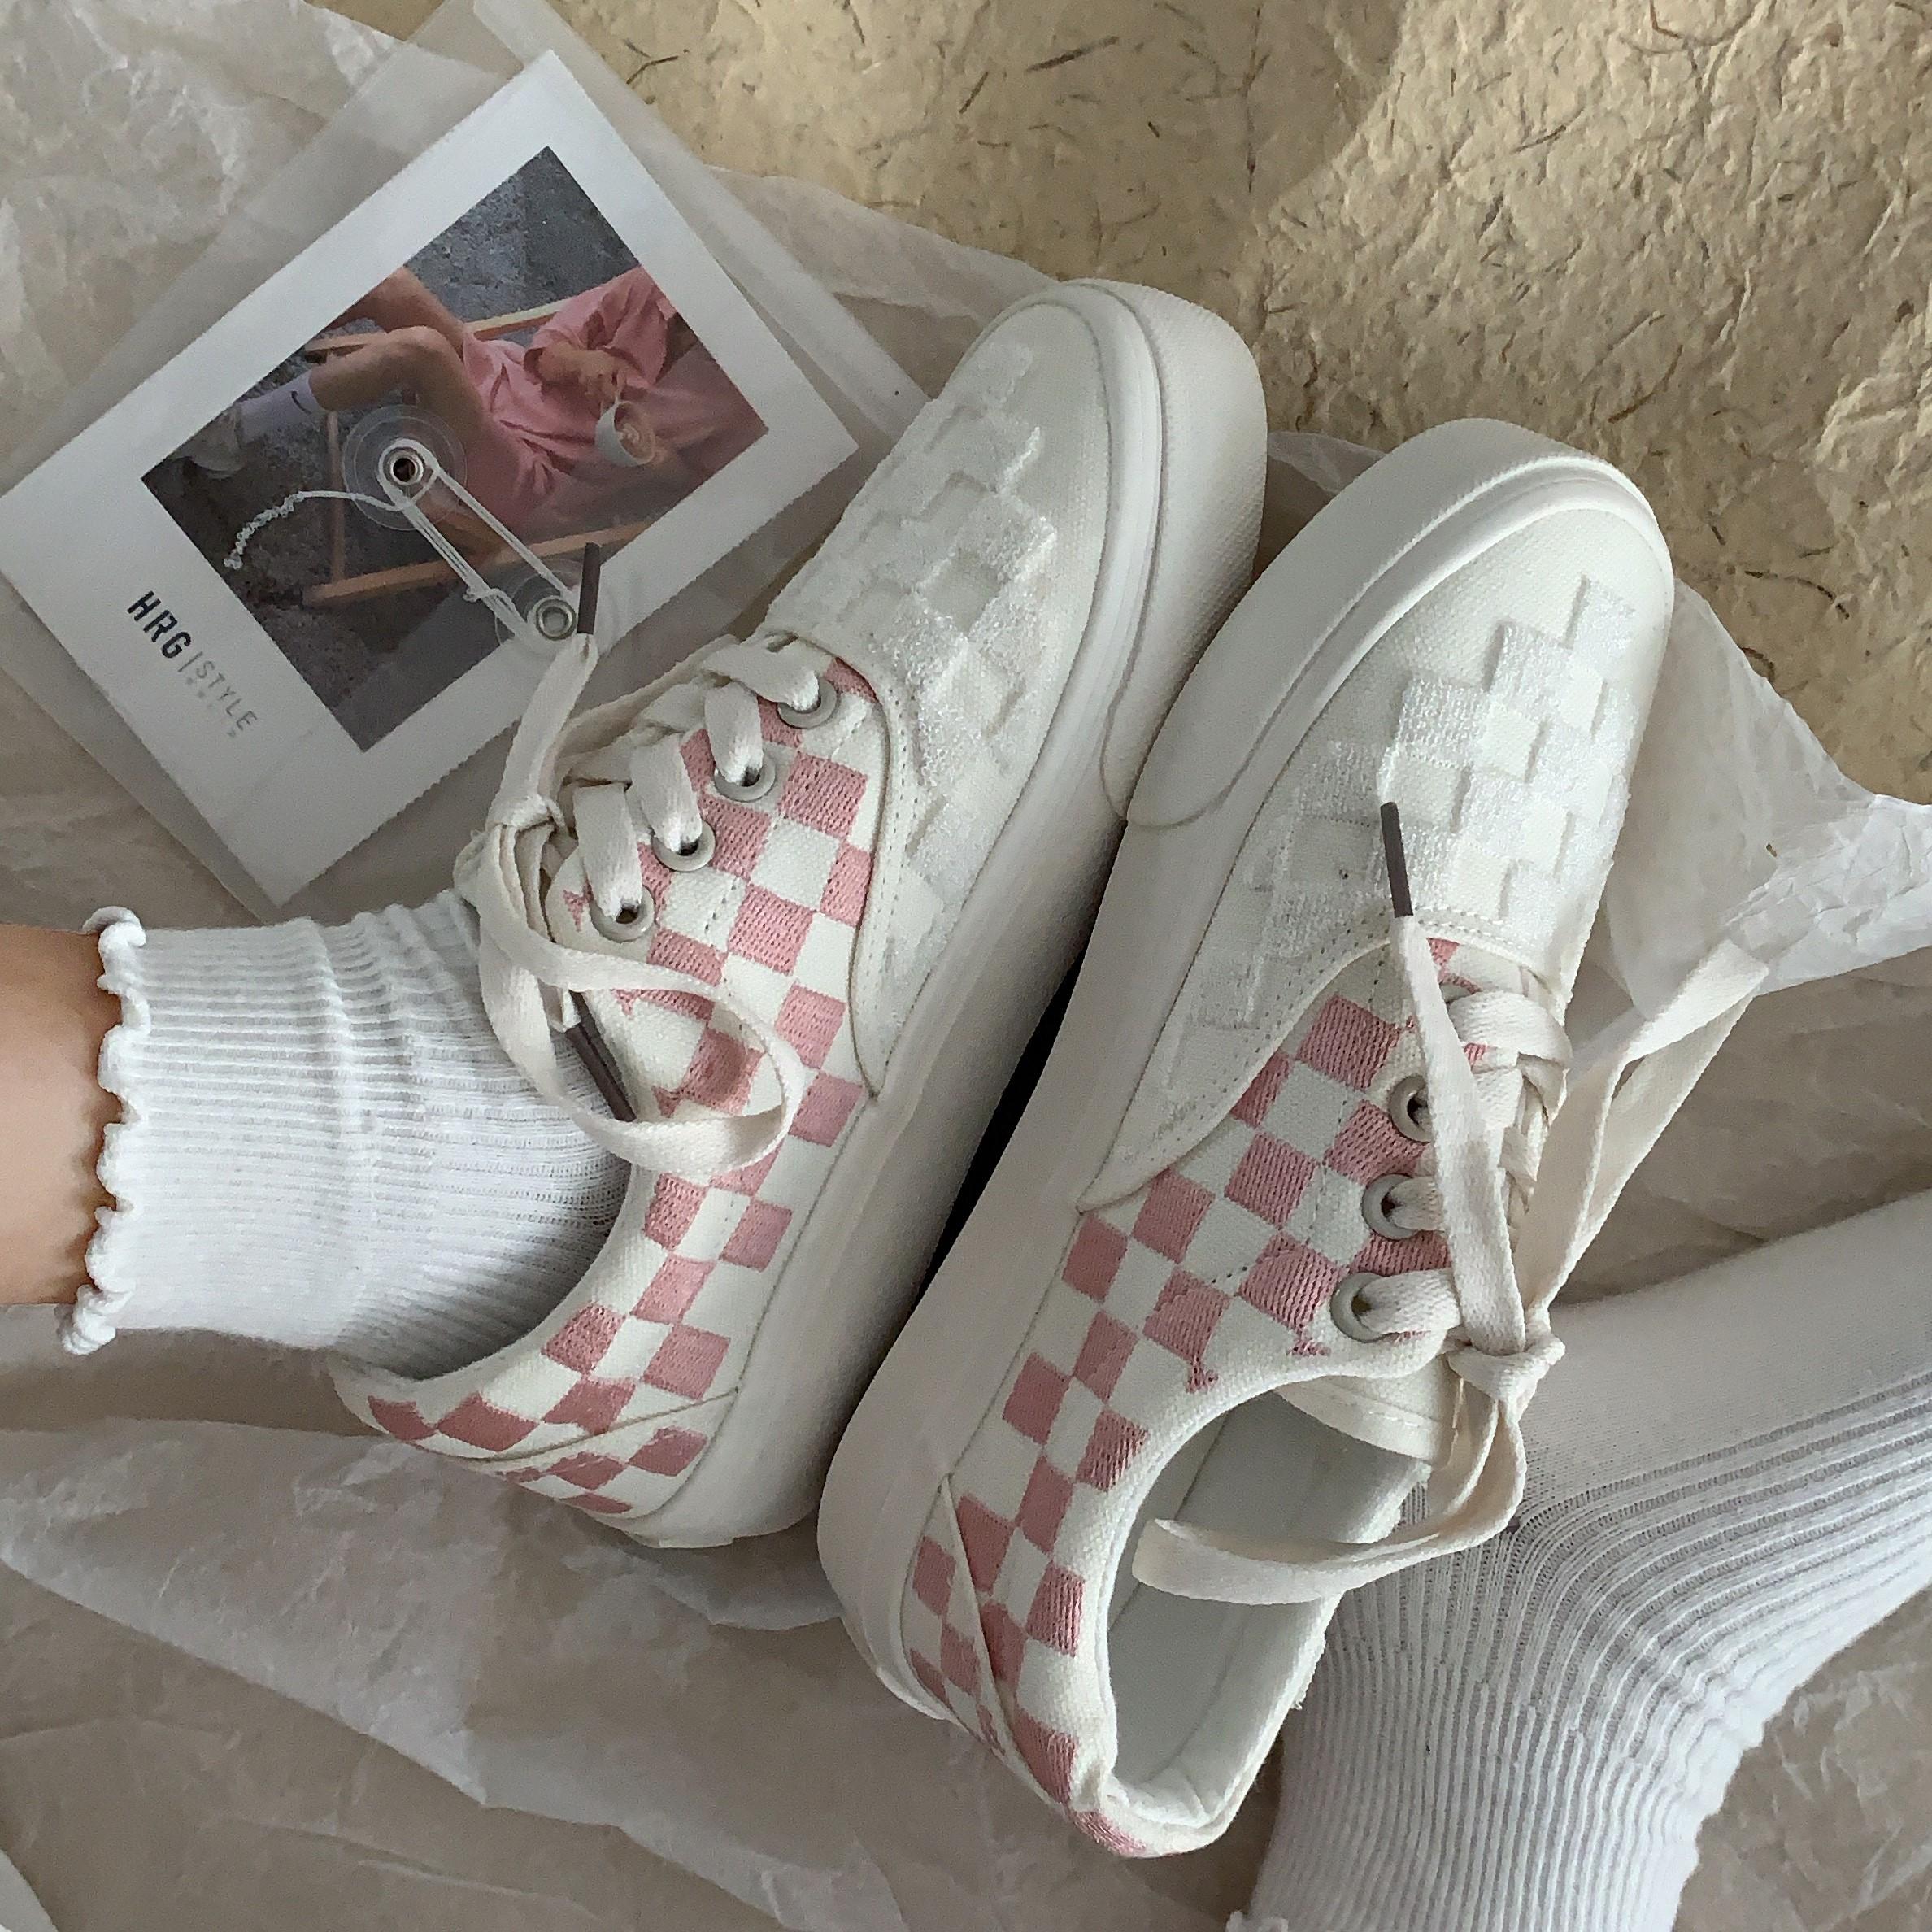 粉红色帆布鞋 粉红色少女心可爱格子帆布鞋子女韩版街拍网红百搭ins板鞋_推荐淘宝好看的粉红色帆布鞋